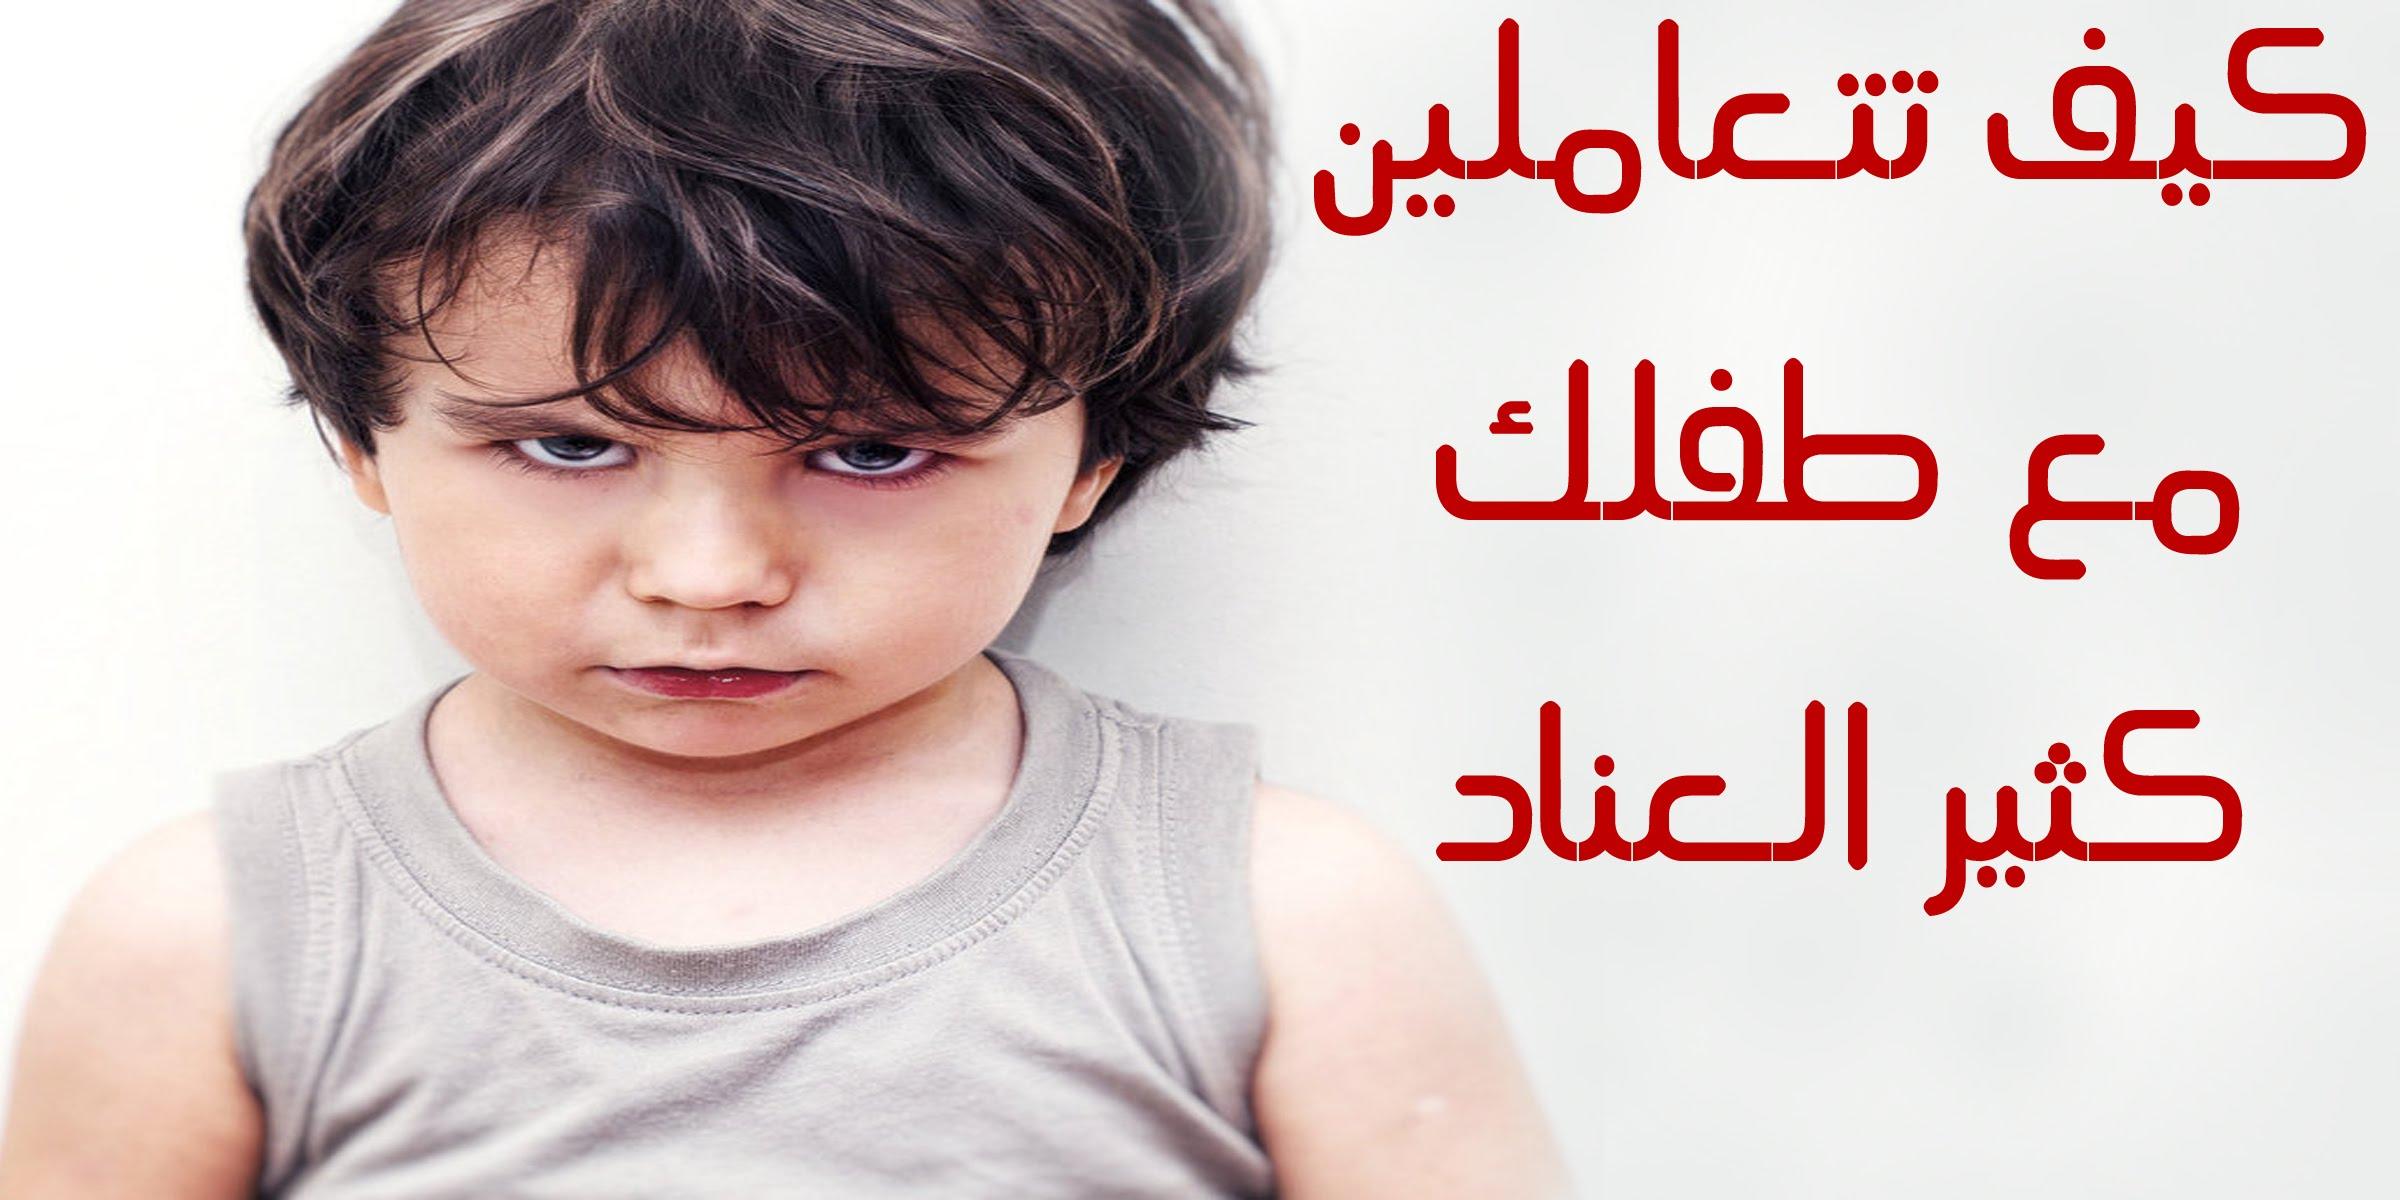 صورة التعامل مع الطفل العنيد , الطريقة المثالية للتعامل مع طفلك العنيد